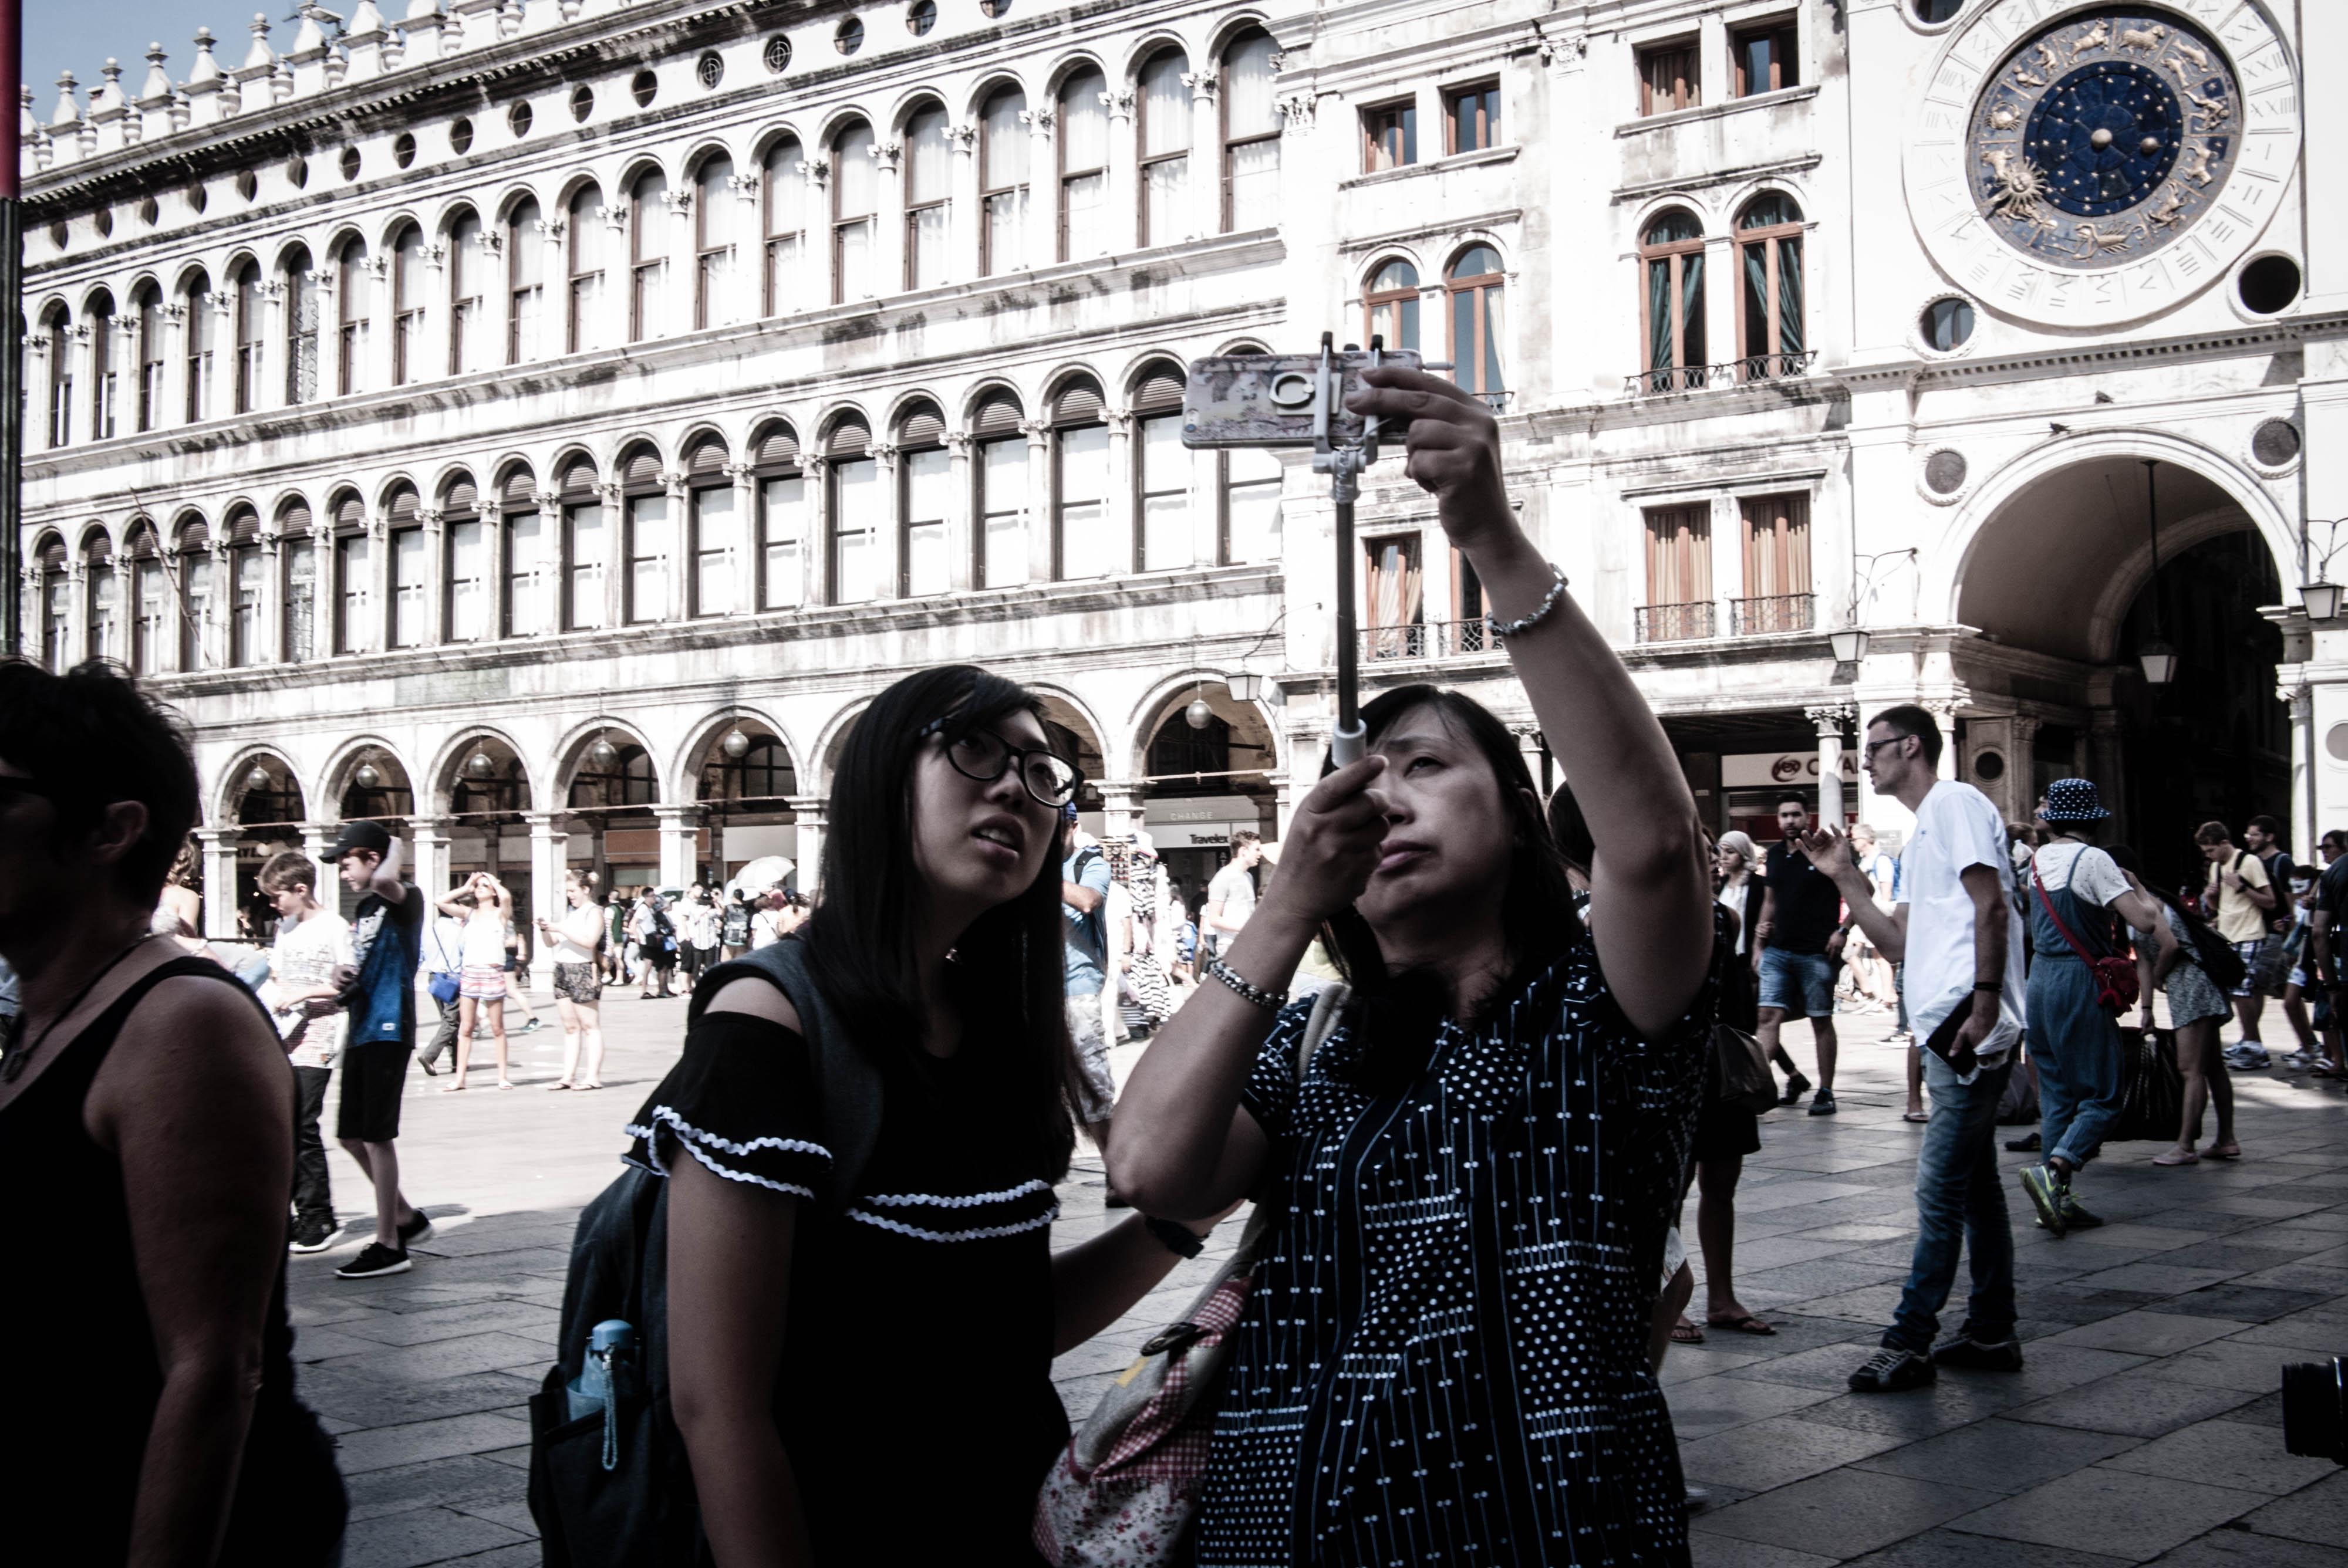 Selfies #12